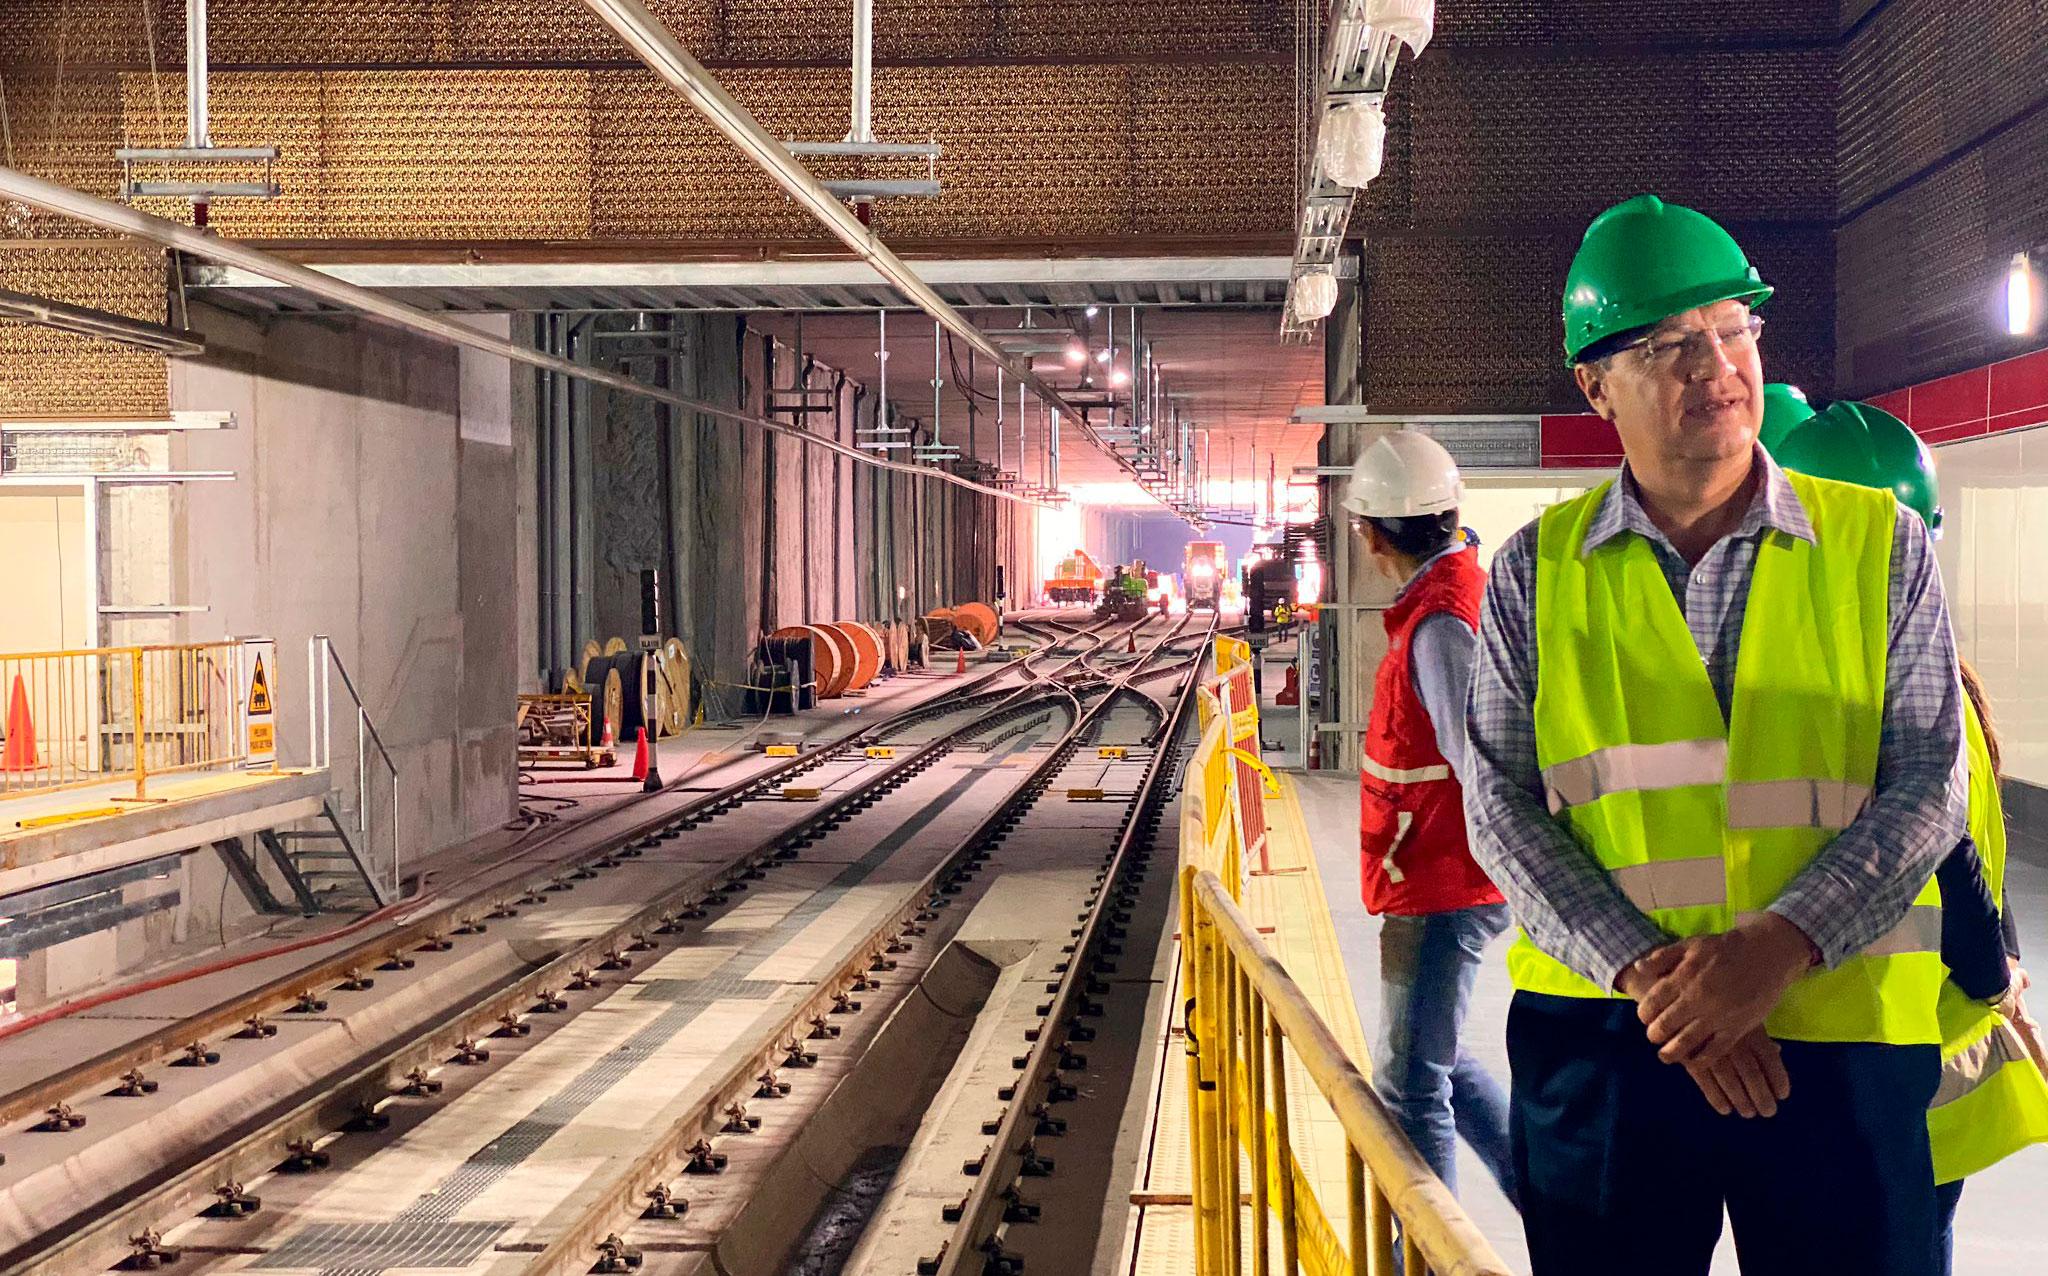 El Metro tiene un avance del 92 % y se estima inicie su operación en octubre